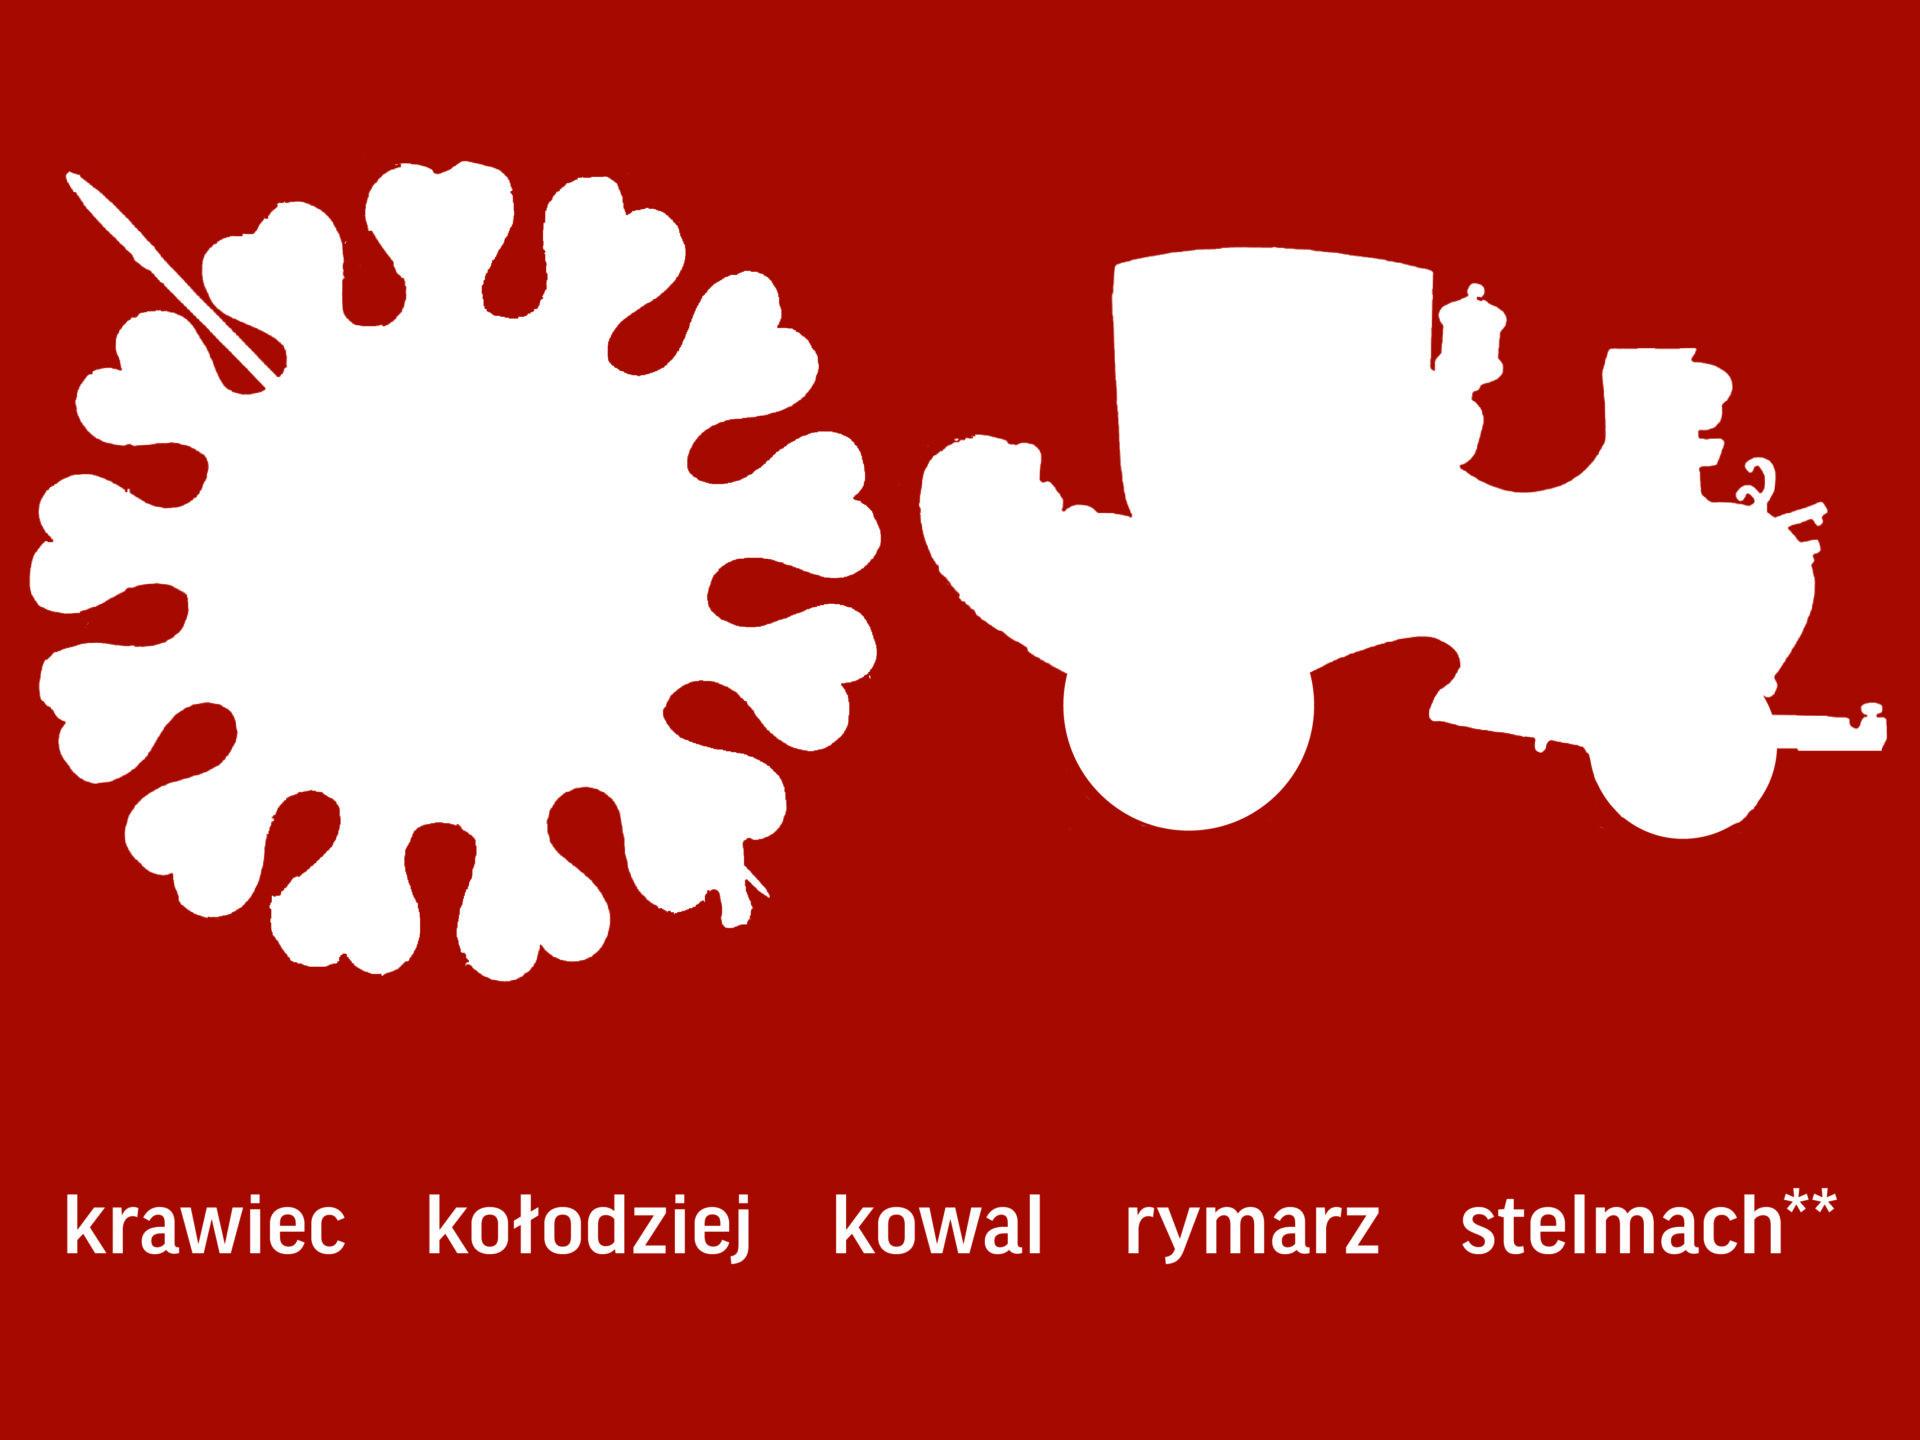 Dwie białe sylwety onieregularnych kształtach naczerwonym tle. Poniżej napis: krawiec, kołodziej, kowal, rymarz, stelmach